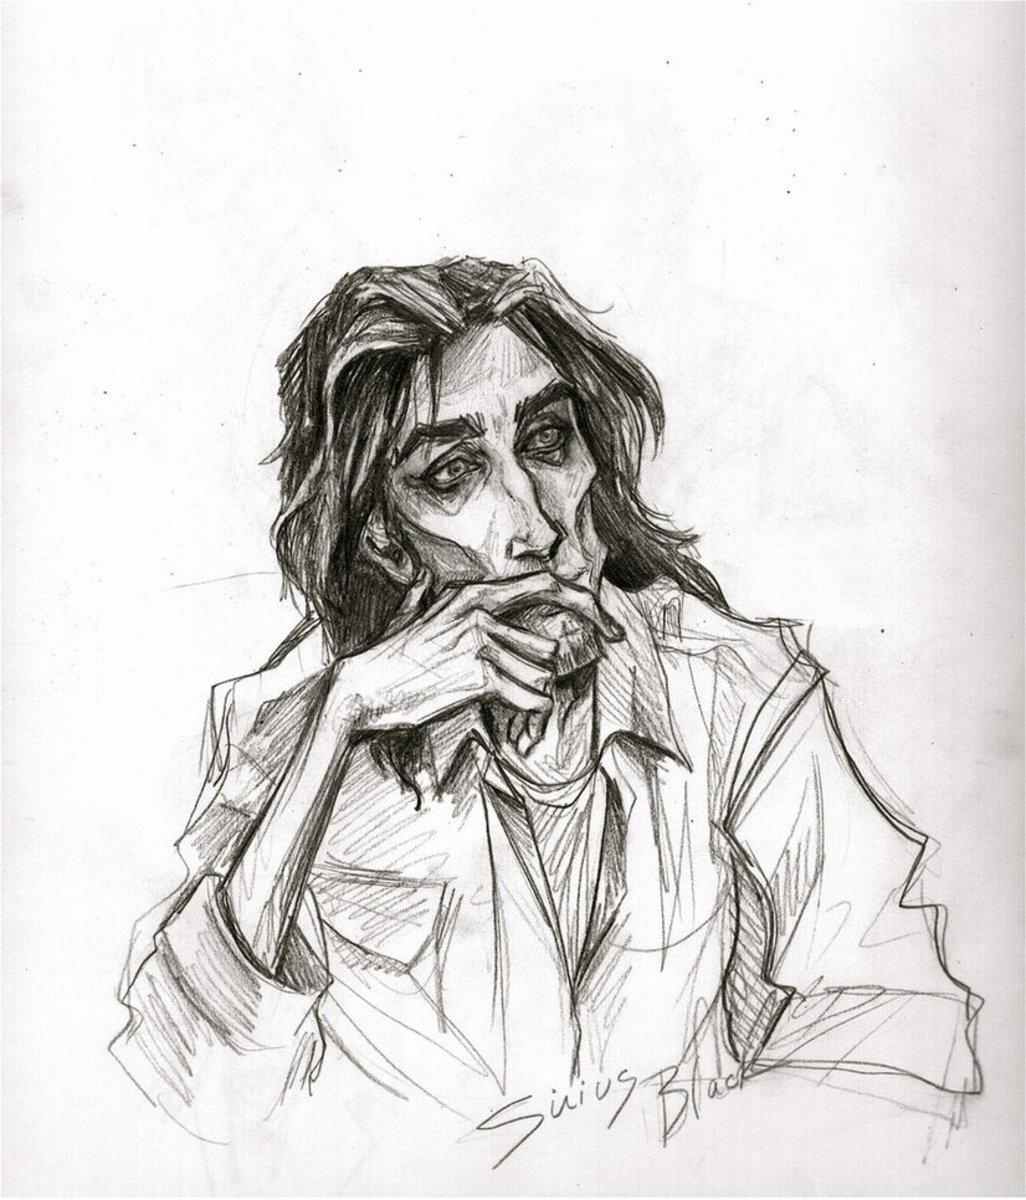 drawn by muirin007